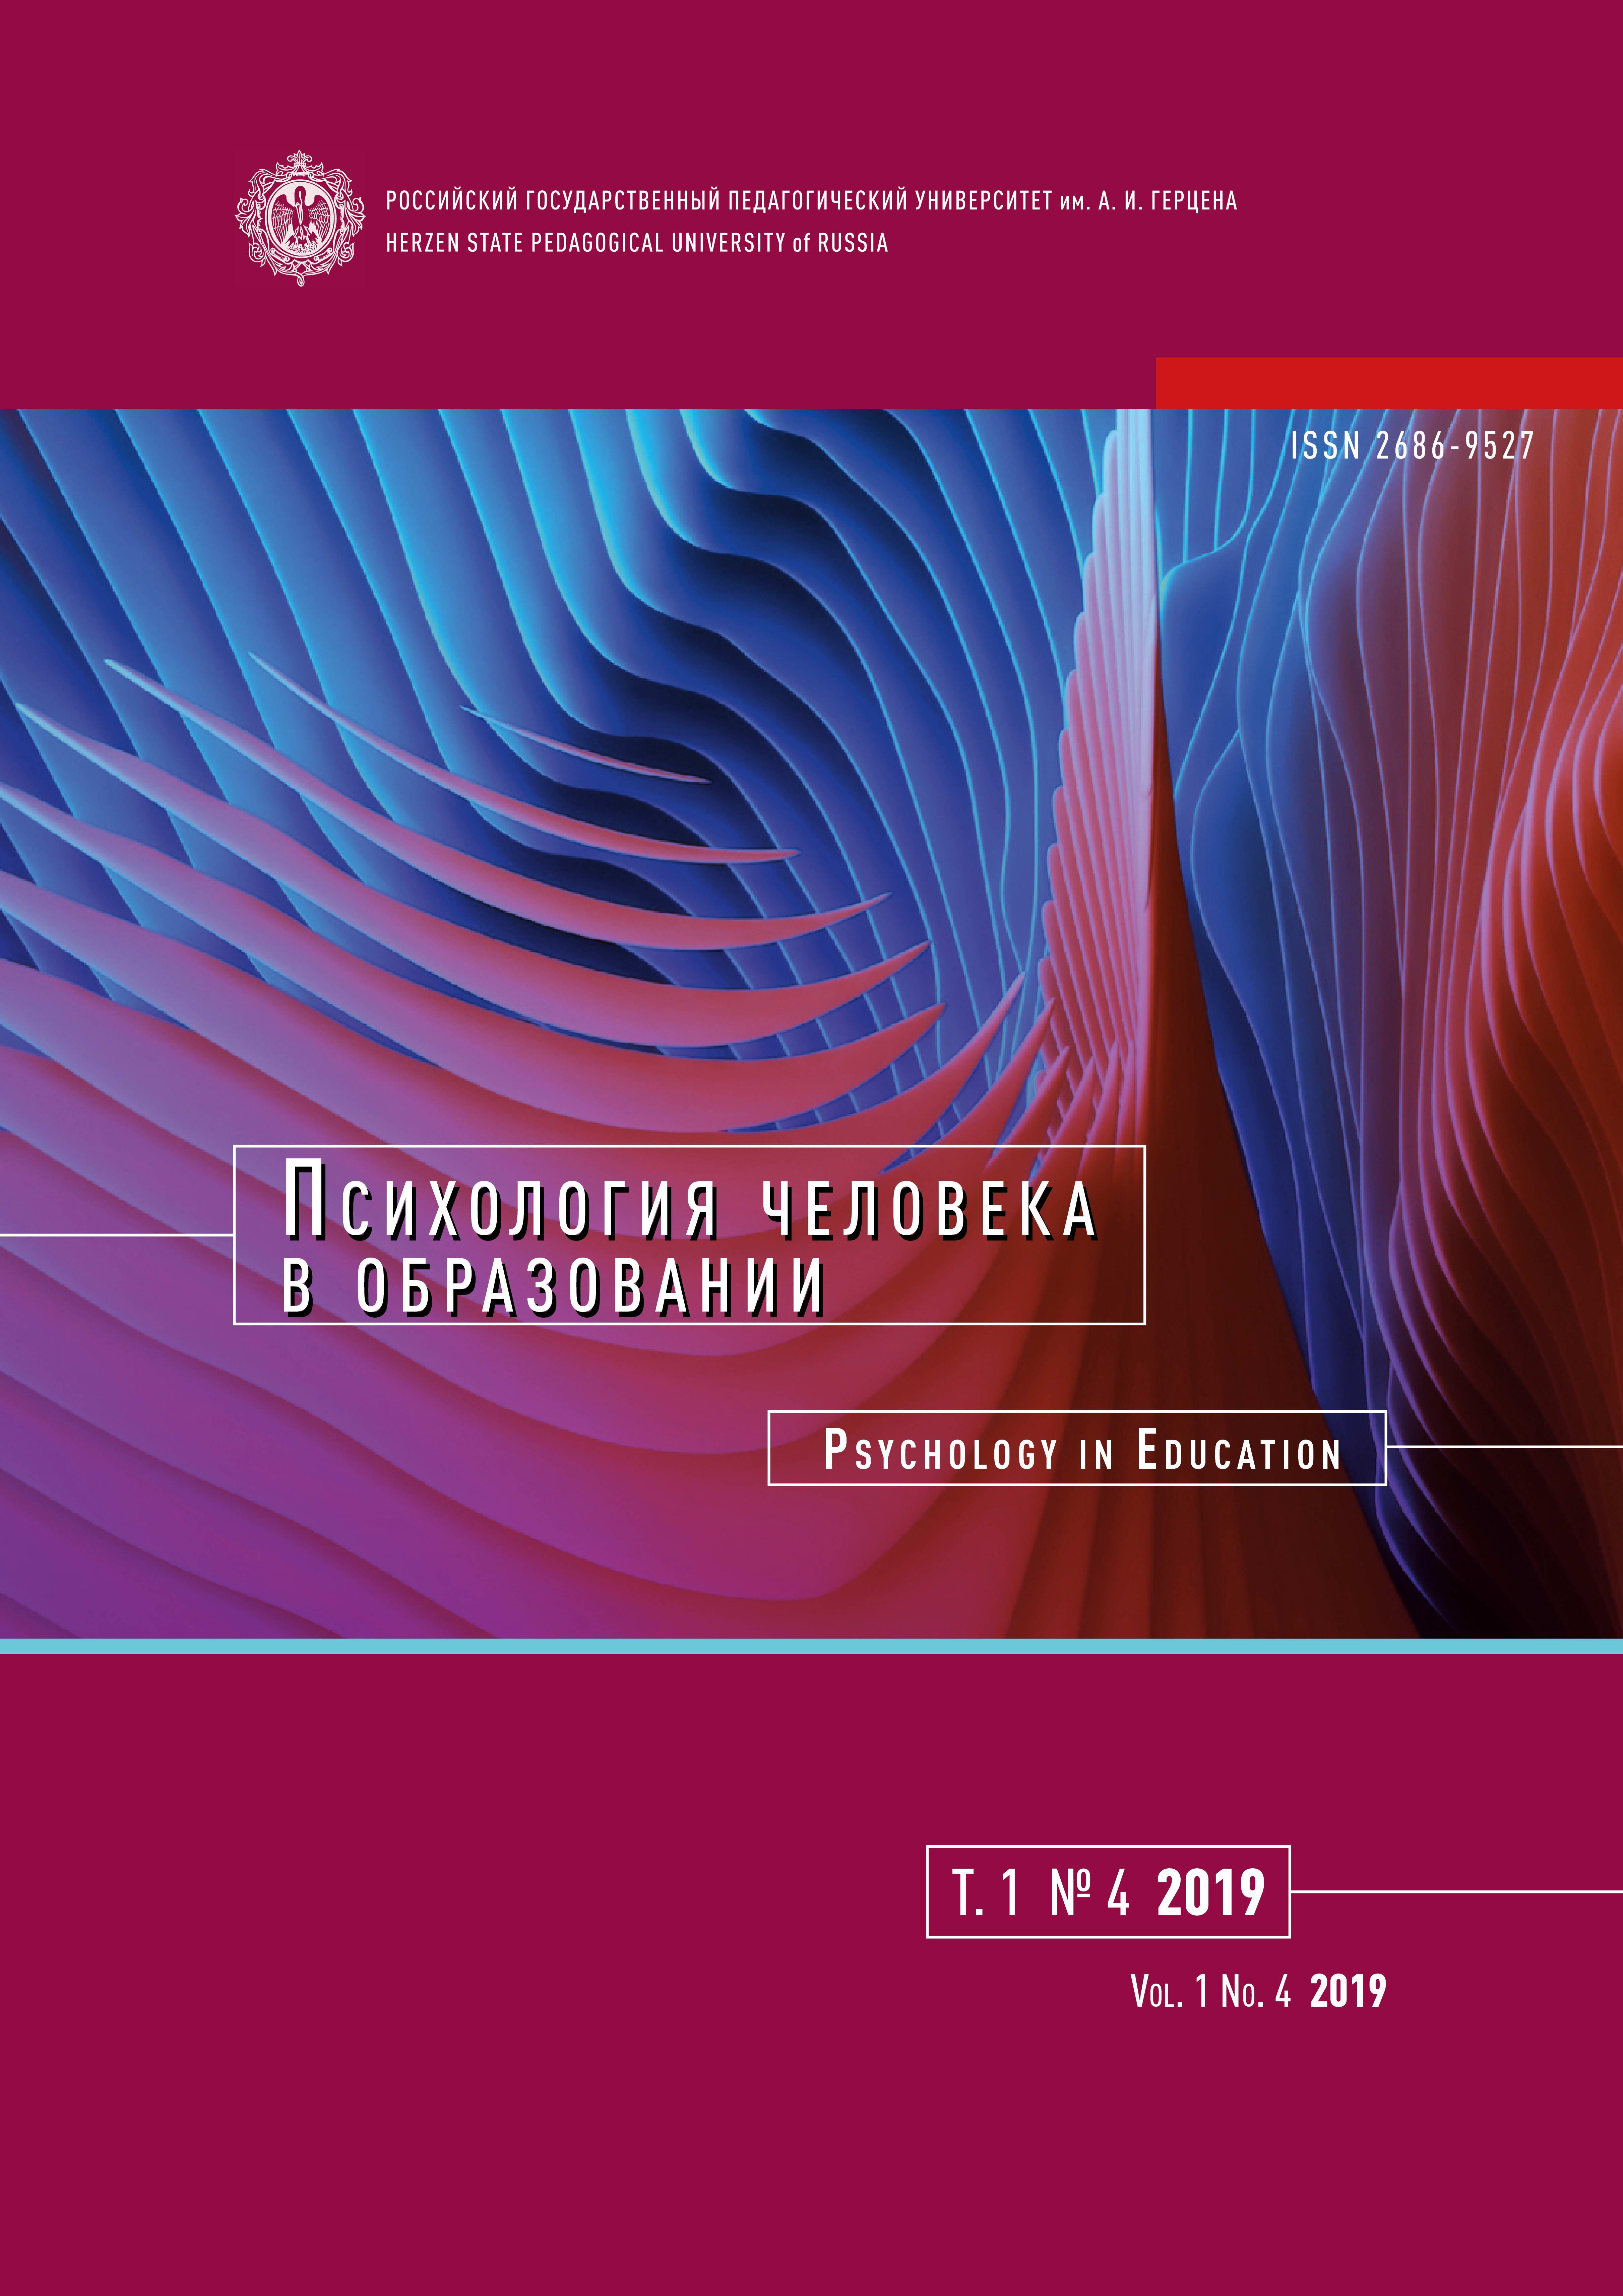 """Обложка журнала """"Психология человека в образовании"""" (т. 1, № 4)"""